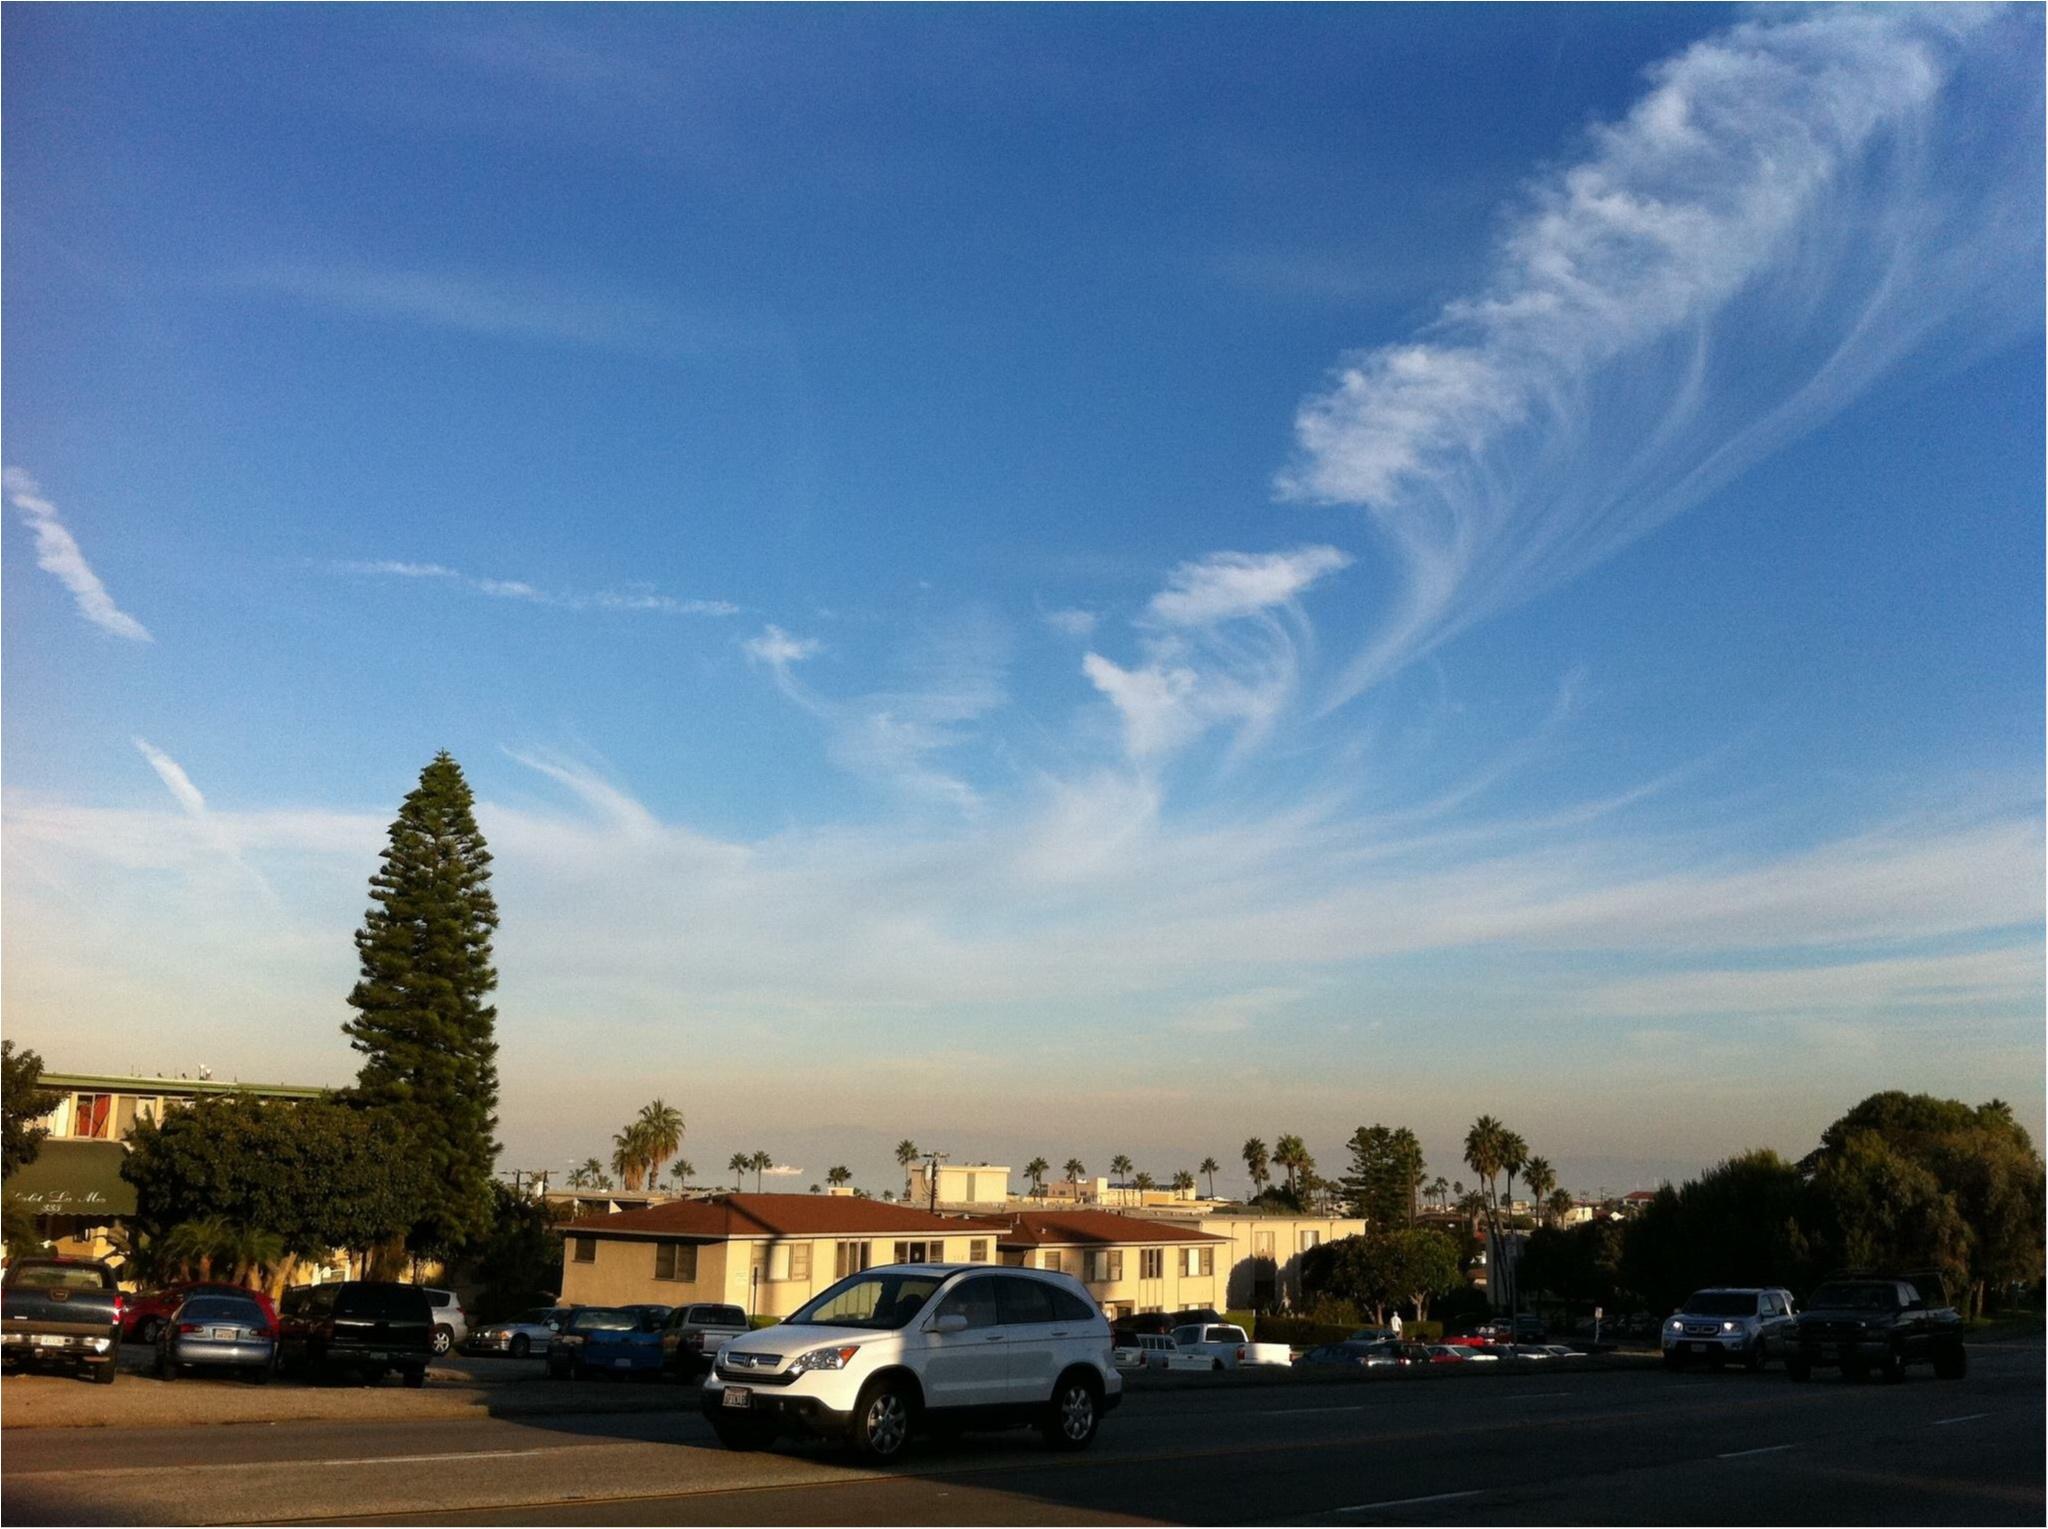 写真でも、きっと伝わるこの魅力✨朝から晩まで眺めた《*ロサンゼルスの広い空*》_3